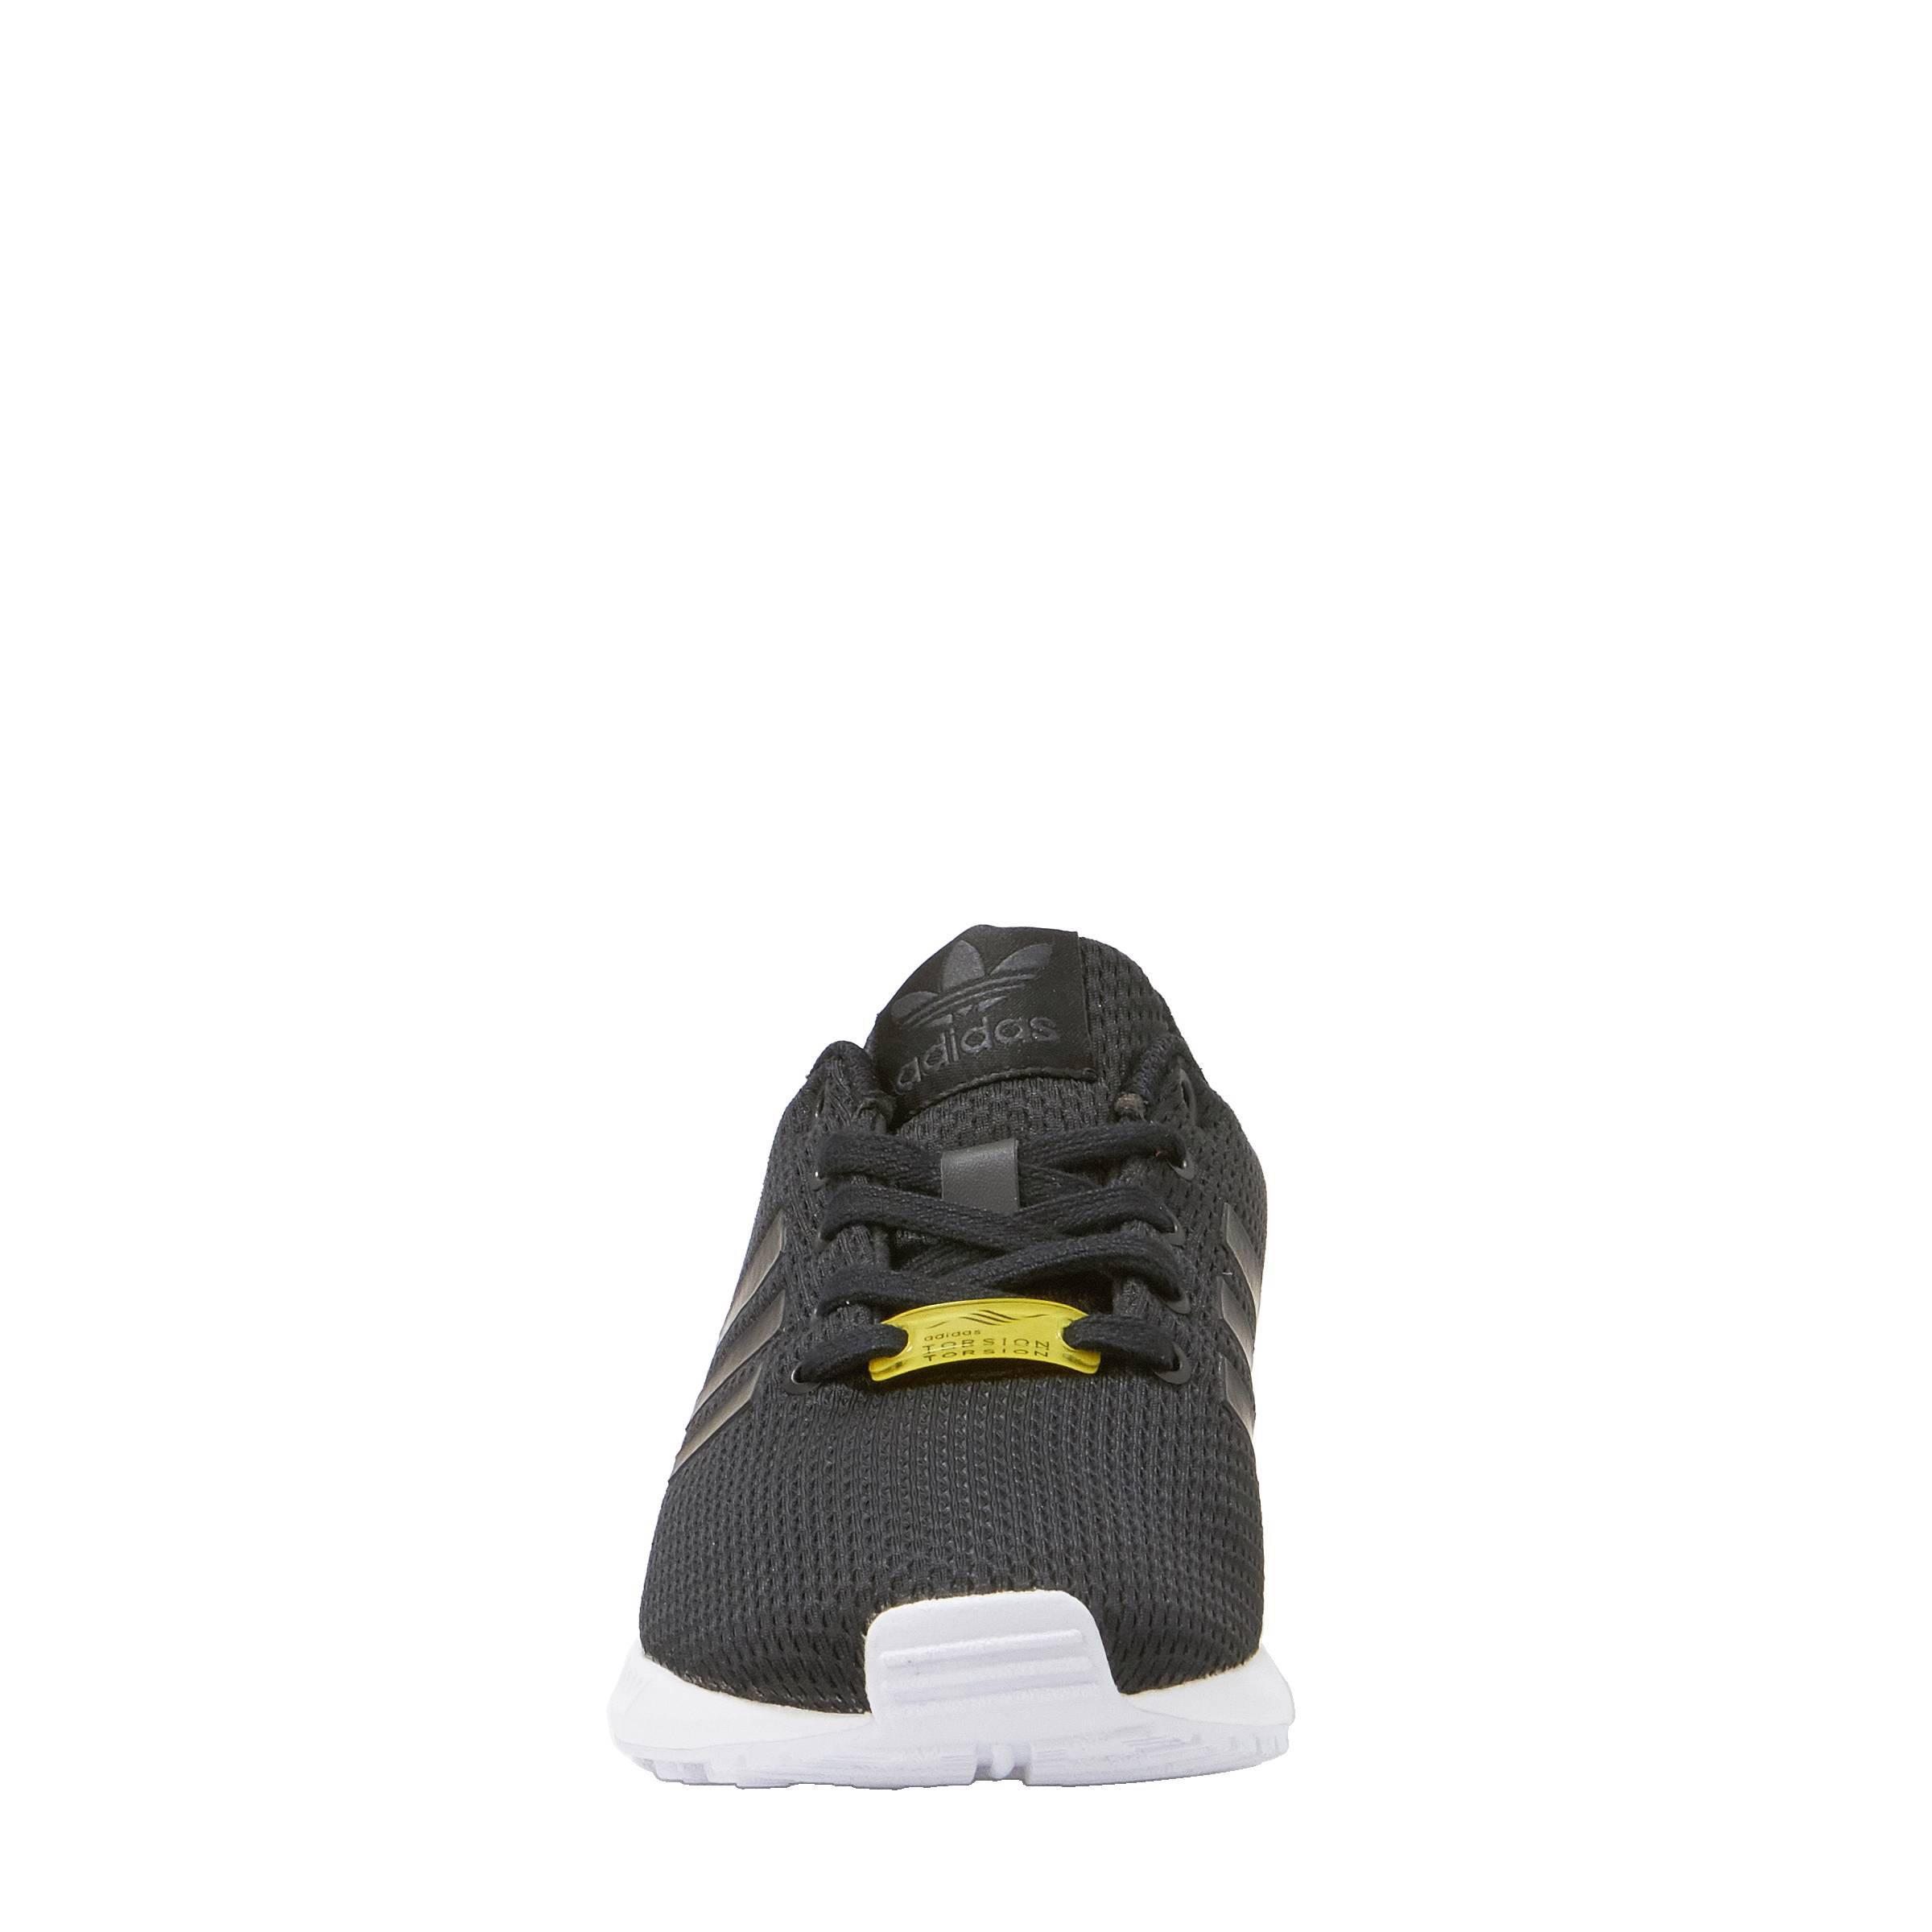 aa1183abc94 adidas originals sneakers ZX Flux J   wehkamp